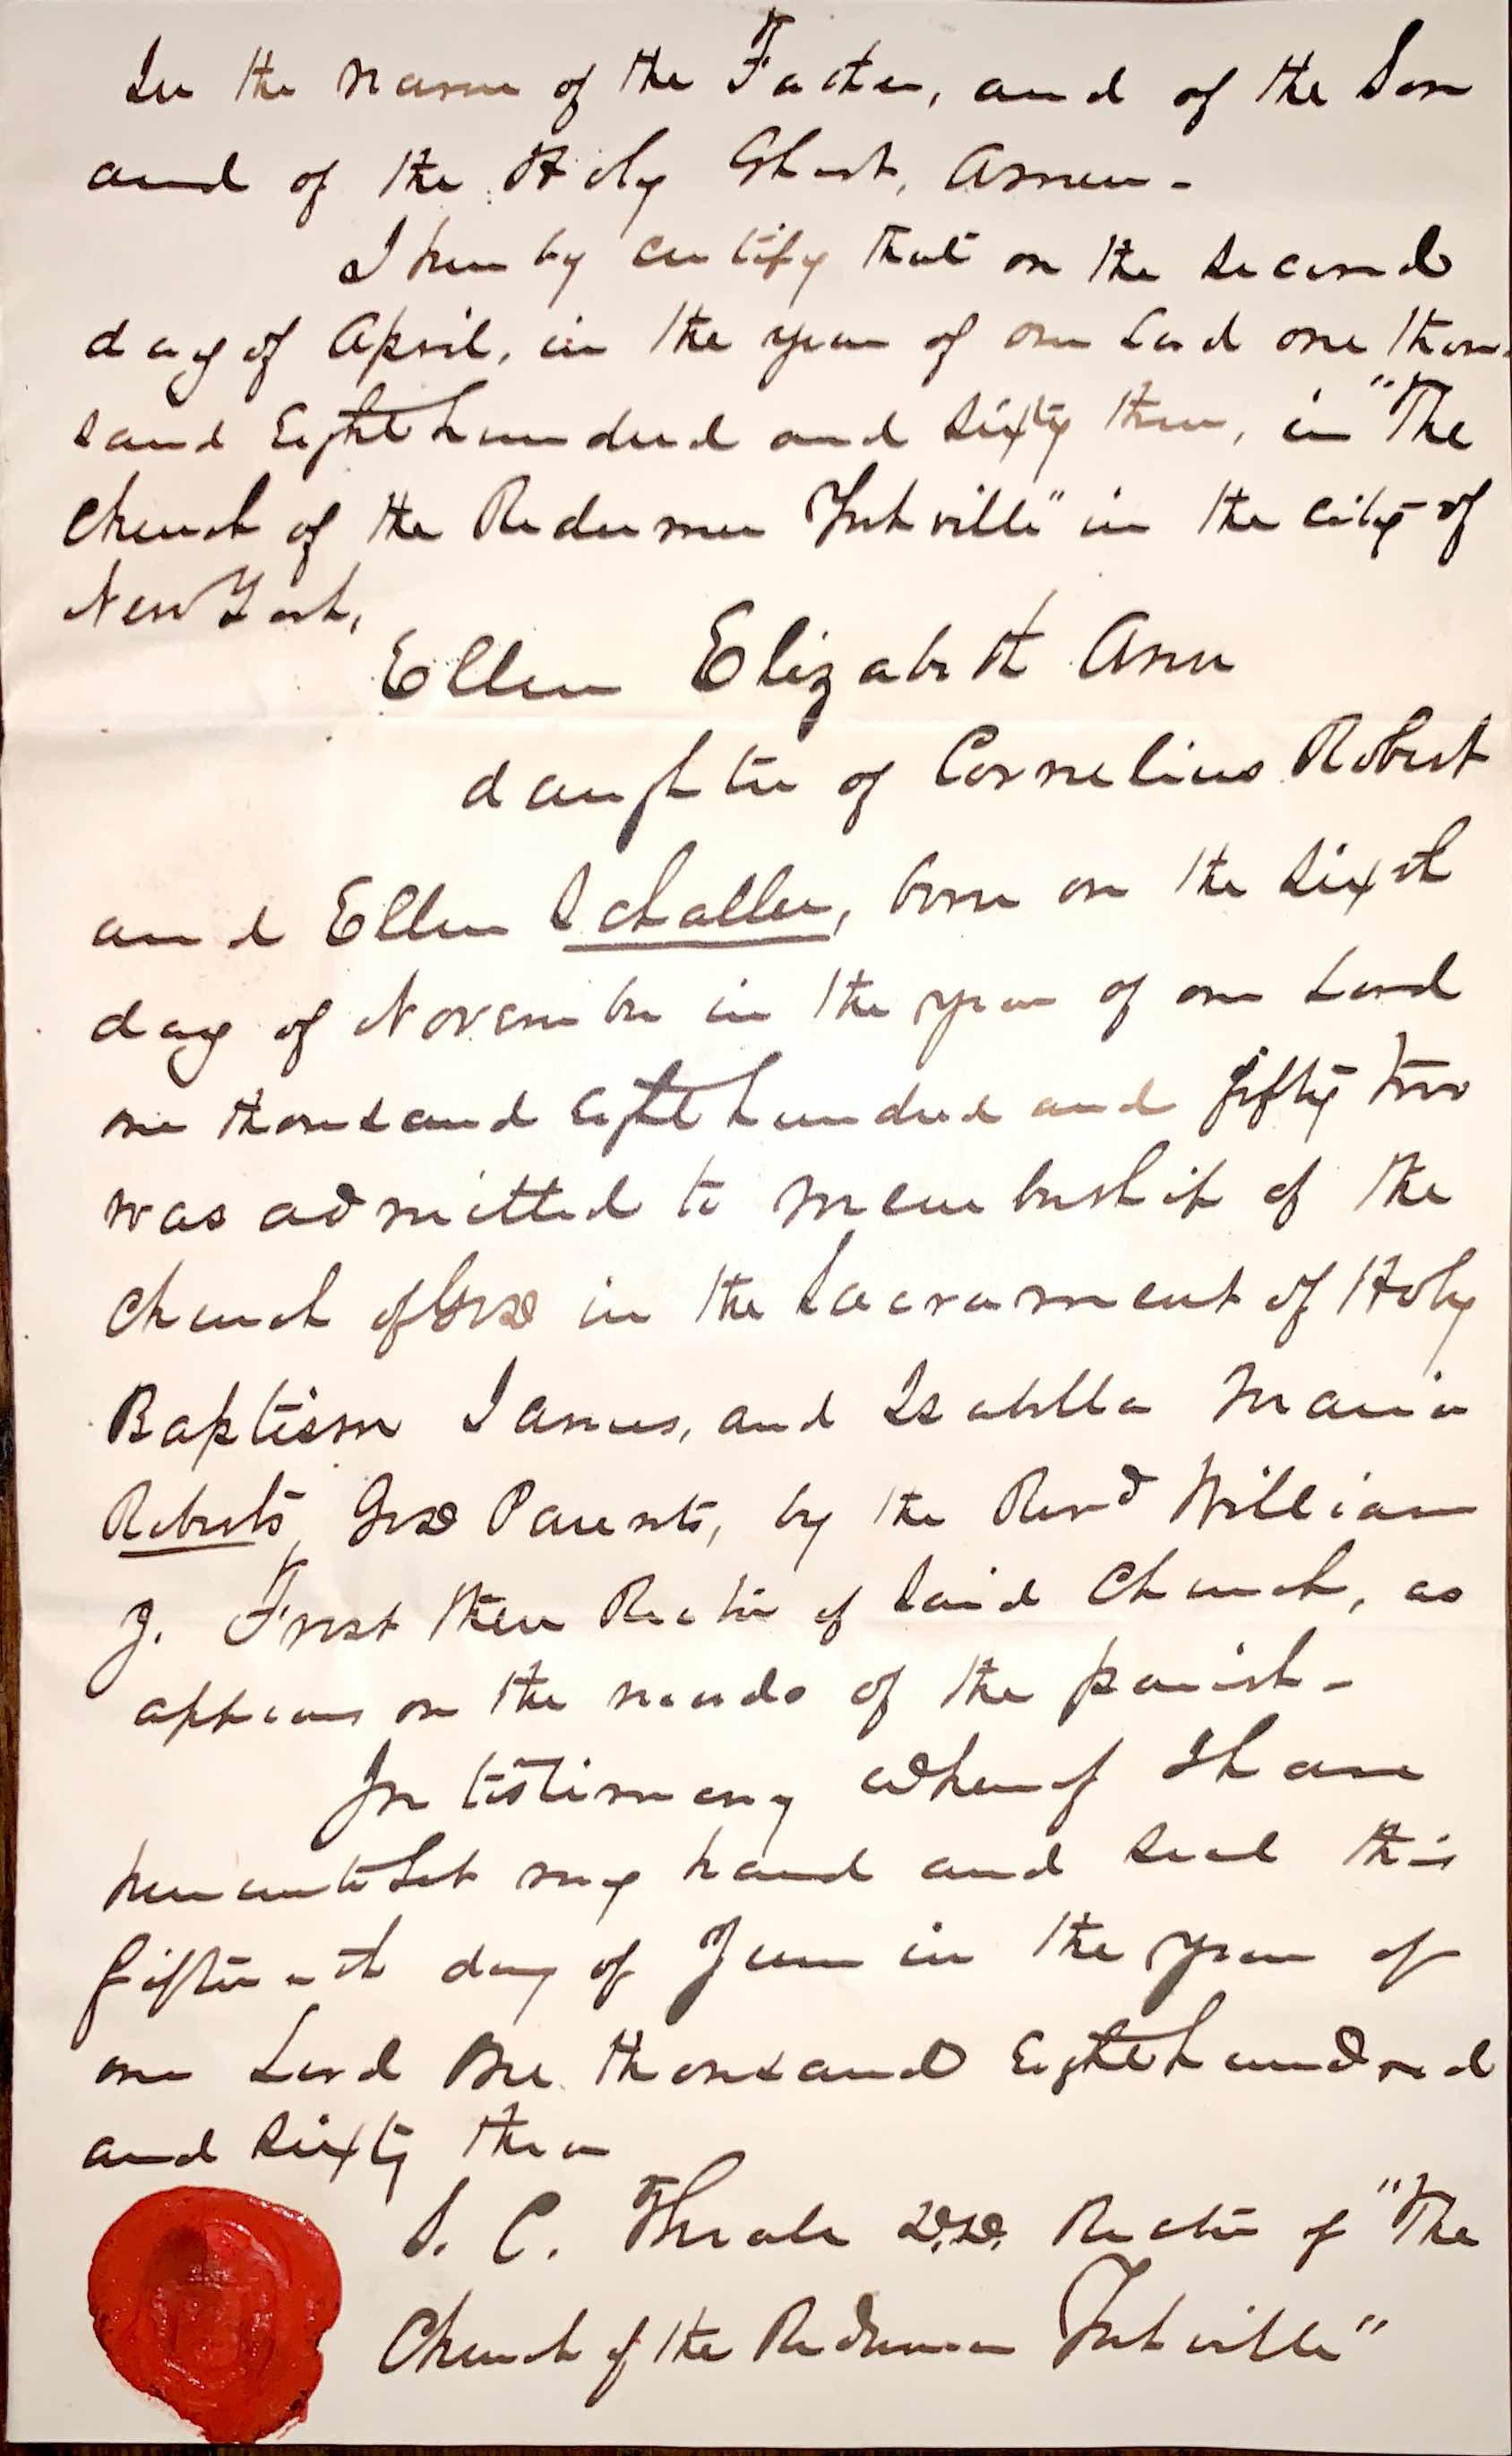 1863 certification of baptism of Ellen Elizabeth Schaller.